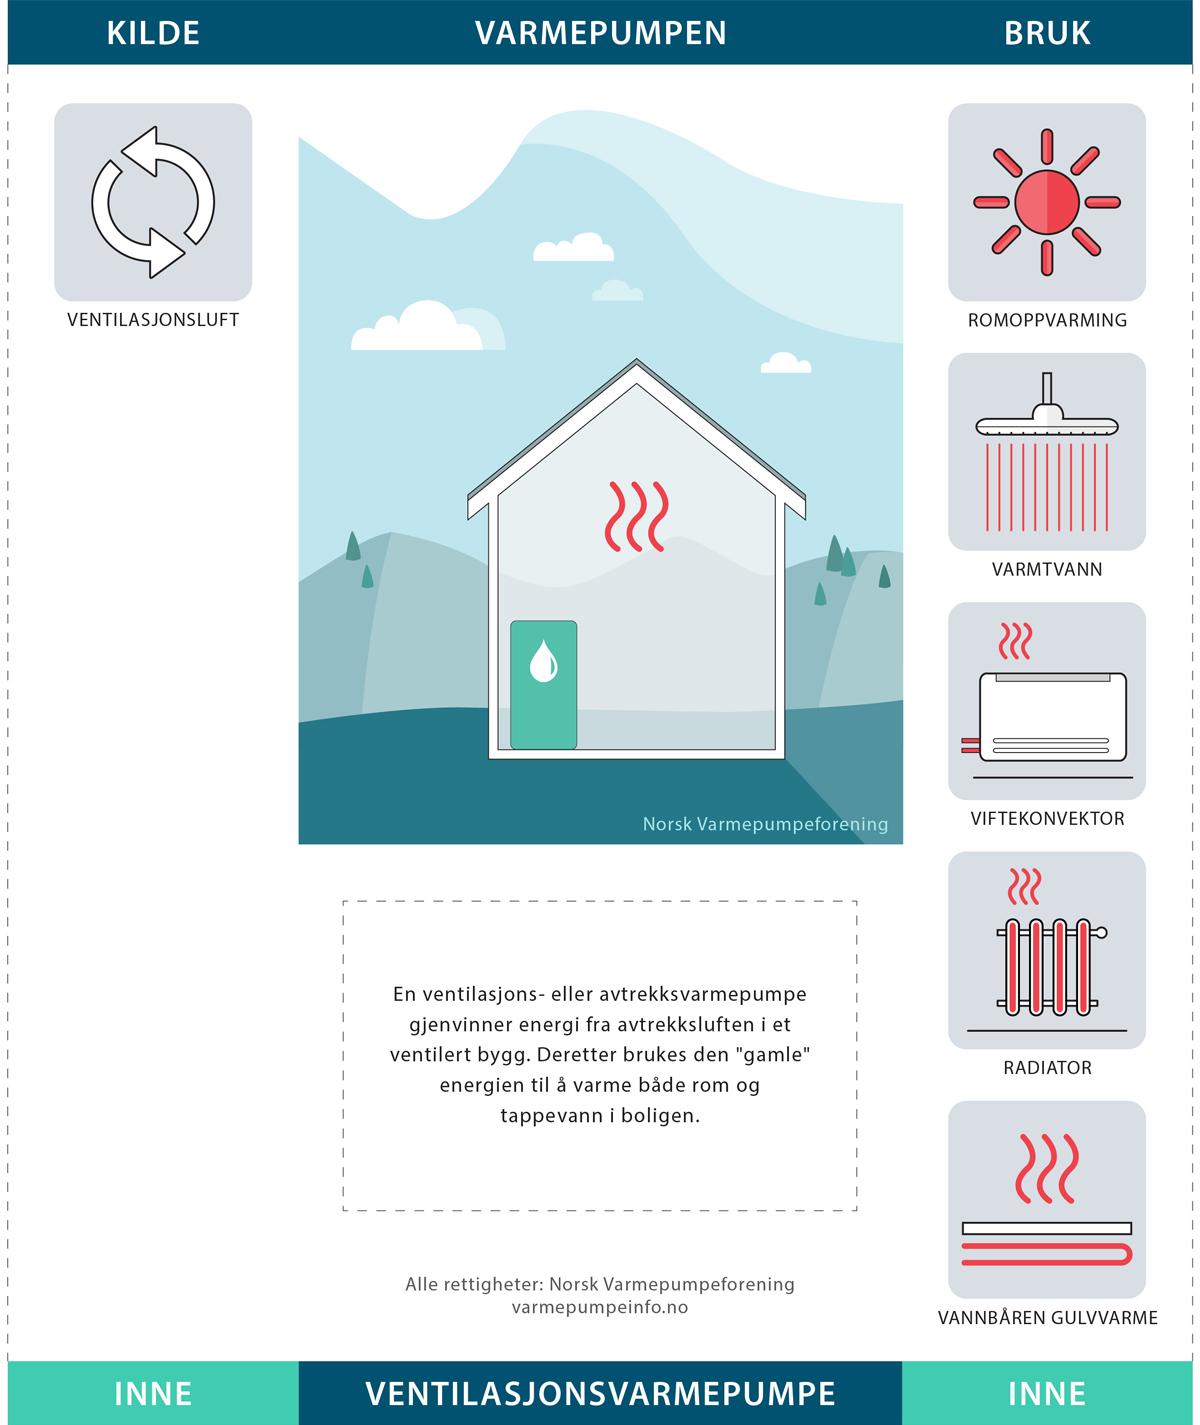 Illustrasjon av ventilasjonsvarmepumpe